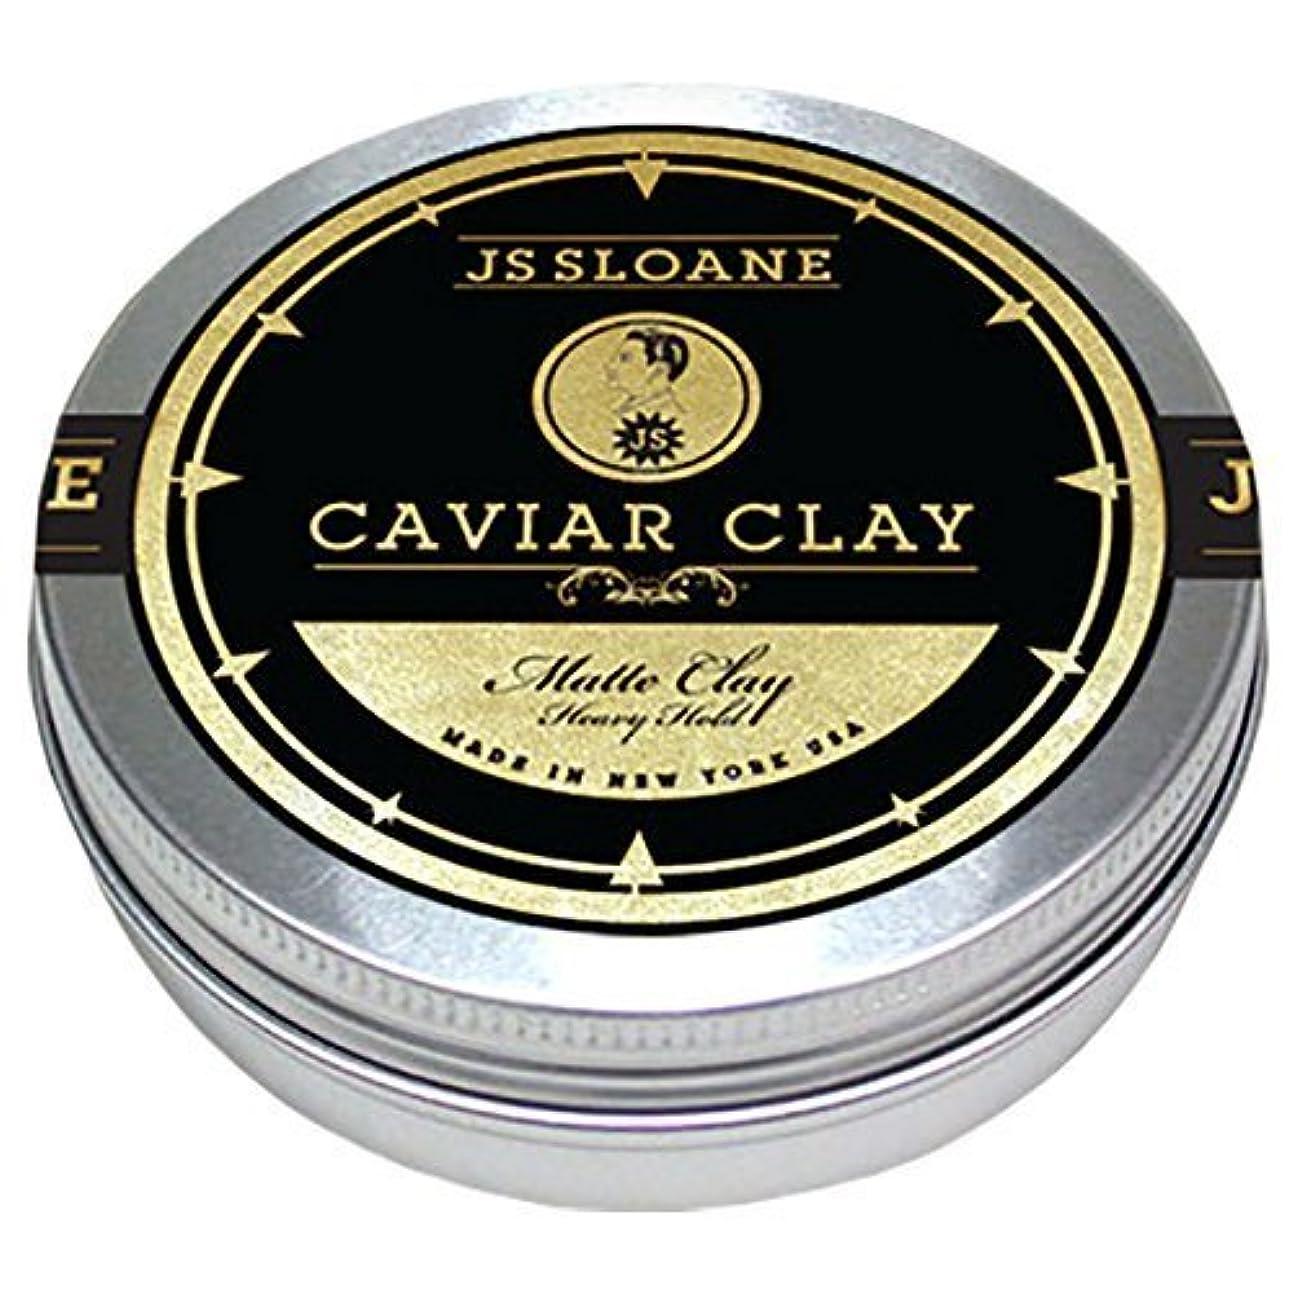 キロメートル騒々しい強調JS Sloane, マットクレイポマード, MATTE CLAY POMADE/3.4oz (100g), 水性ポマード(ヘアグリース) 整髪料